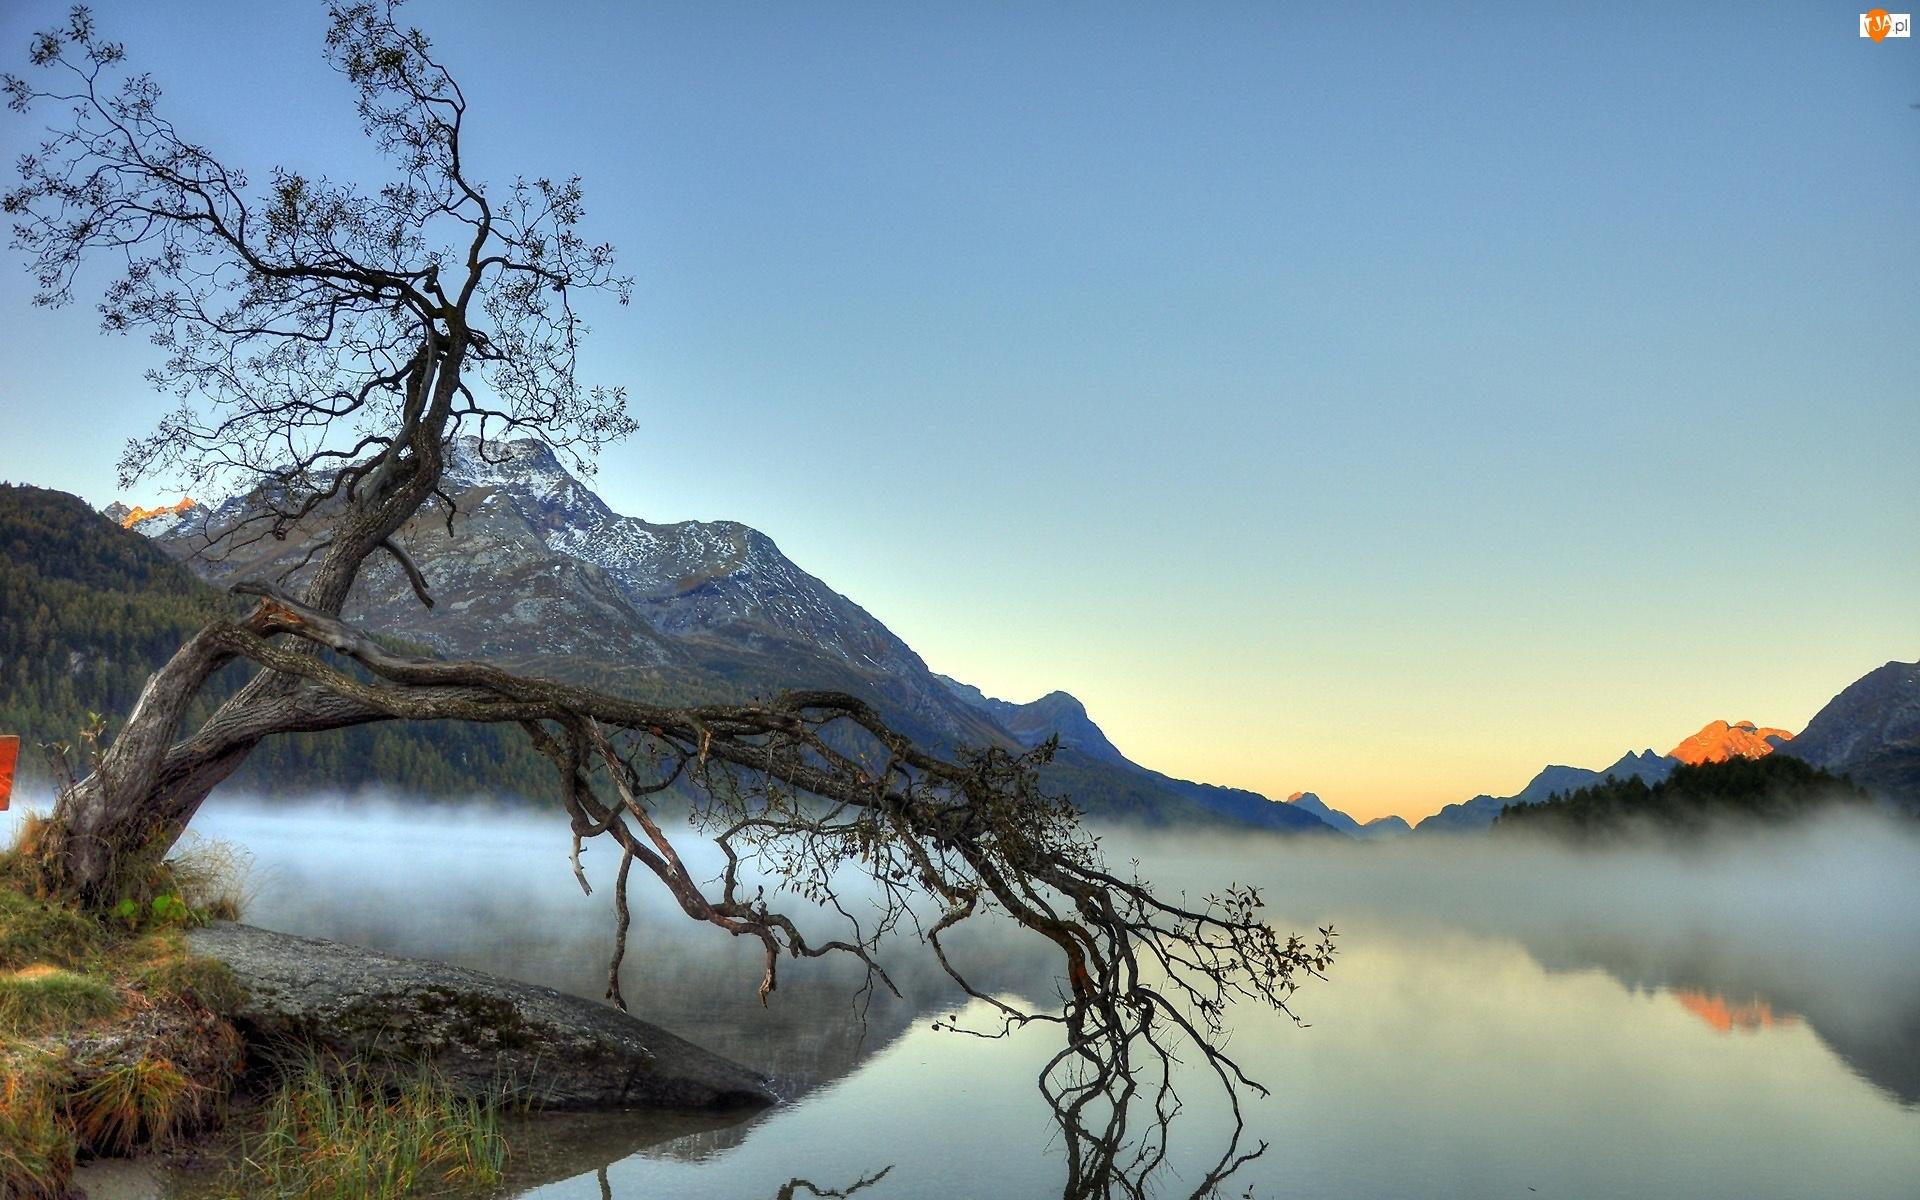 Góry, Drzewo, Jezioro, Mgła